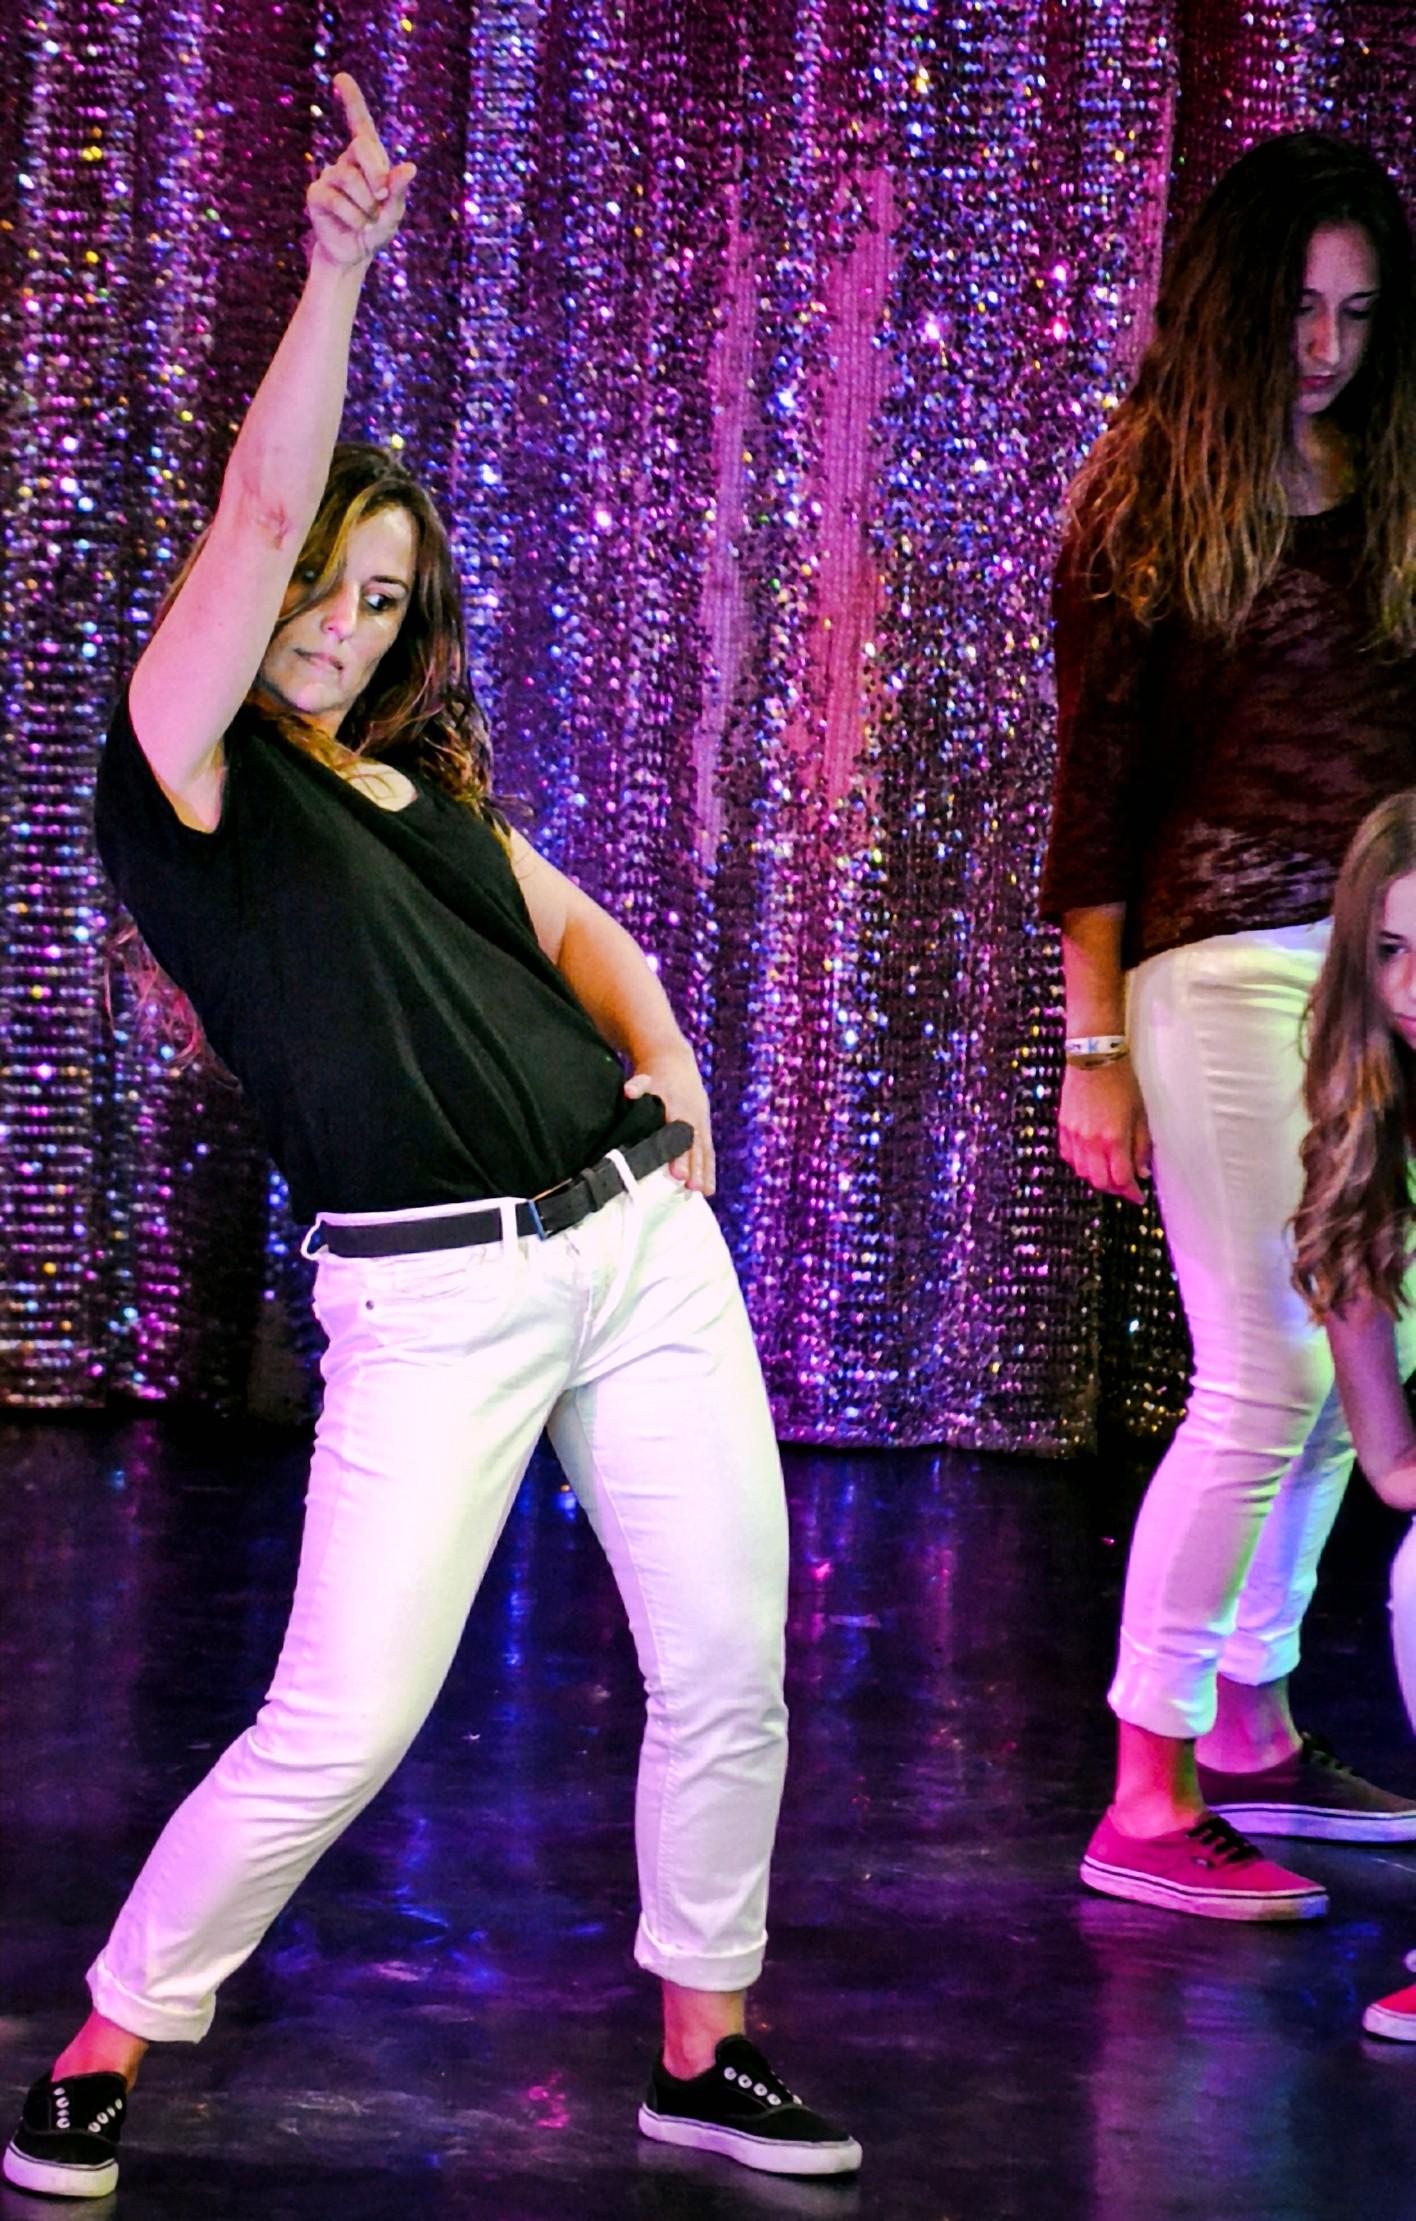 Linea-de-Baile-festival-verano-2015-clases-de-baile-valencia-8